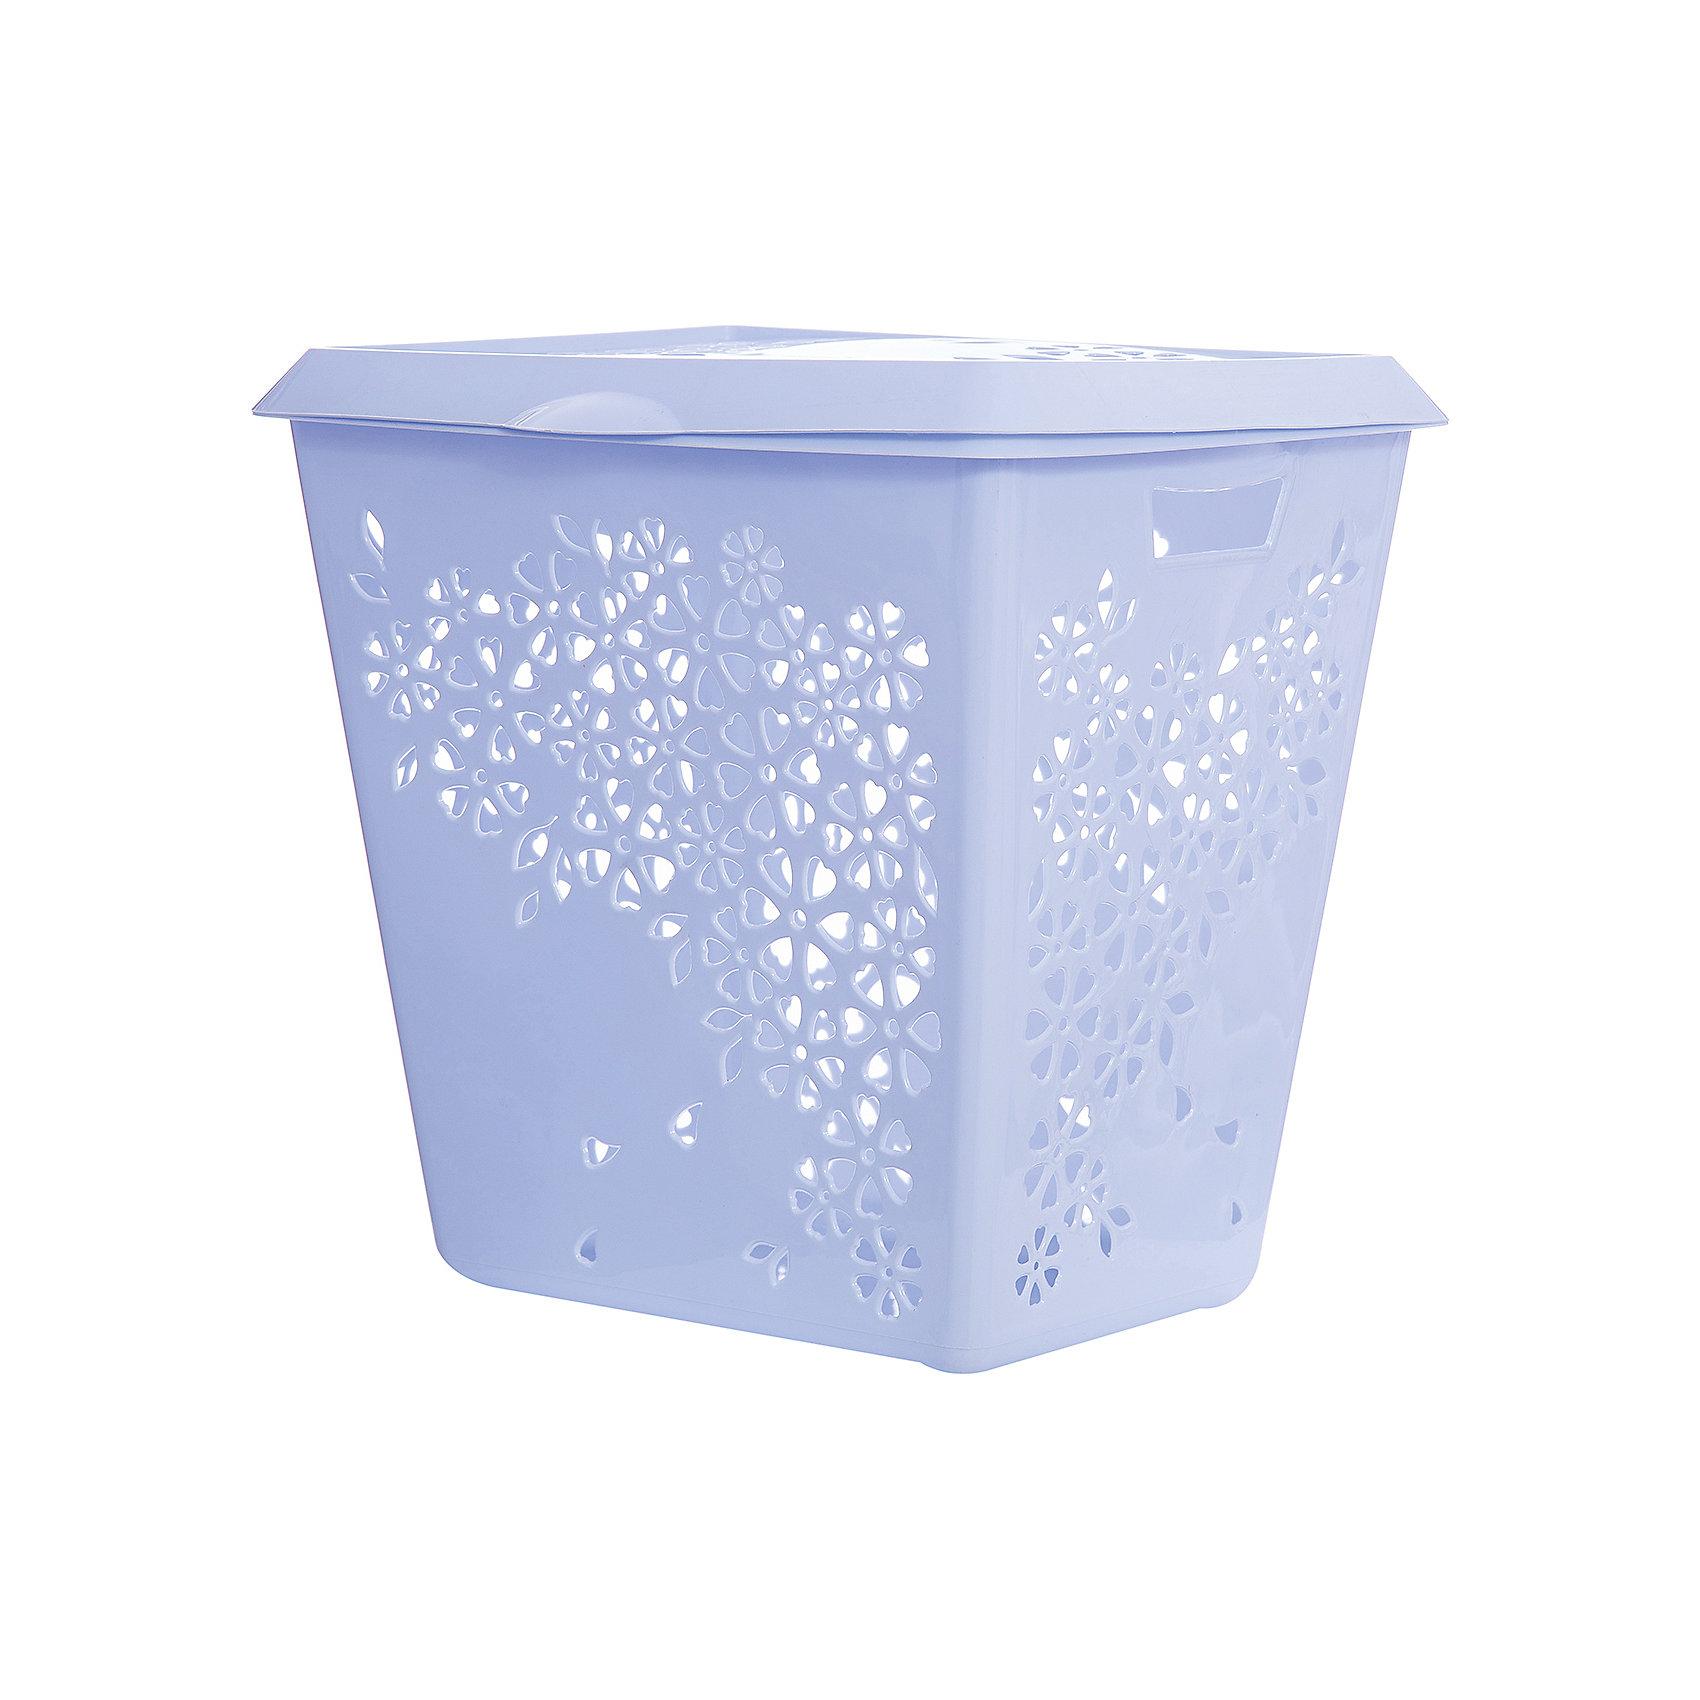 Корзина для белья Эстель , Alternativa, голубойВанная комната<br>Корзина для белья Эстель, Alternativa (Альтернатива), голубой<br><br>Характеристики:<br><br>• красивый дизайн<br>• удобная ручка крышки и выемки для переноса<br>• материал: пластик<br>• цвет: голубой<br>• размер: 45,5х38,8х45,5 см<br>• вес: 2,5 кг<br><br>Эстель - корзина для белья, изготовленная из качественного прочного пластика. Она имеет две выемки по бокам для удобства переноса. Крышка оснащена небольшой ручкой, с помощью которой вы с легкостью откроете корзину при необходимости. Изделие оформлено цветочным узором, который, к тому же, служит вентиляцией. Он препятствует появлению неприятного запаха от белья.<br><br>Корзина для белья Эстель, Alternativa (Альтернатива), голубой можно купить в нашем интернет-магазине.<br><br>Ширина мм: 455<br>Глубина мм: 388<br>Высота мм: 445<br>Вес г: 2500<br>Возраст от месяцев: 36<br>Возраст до месяцев: 1188<br>Пол: Унисекс<br>Возраст: Детский<br>SKU: 5475645